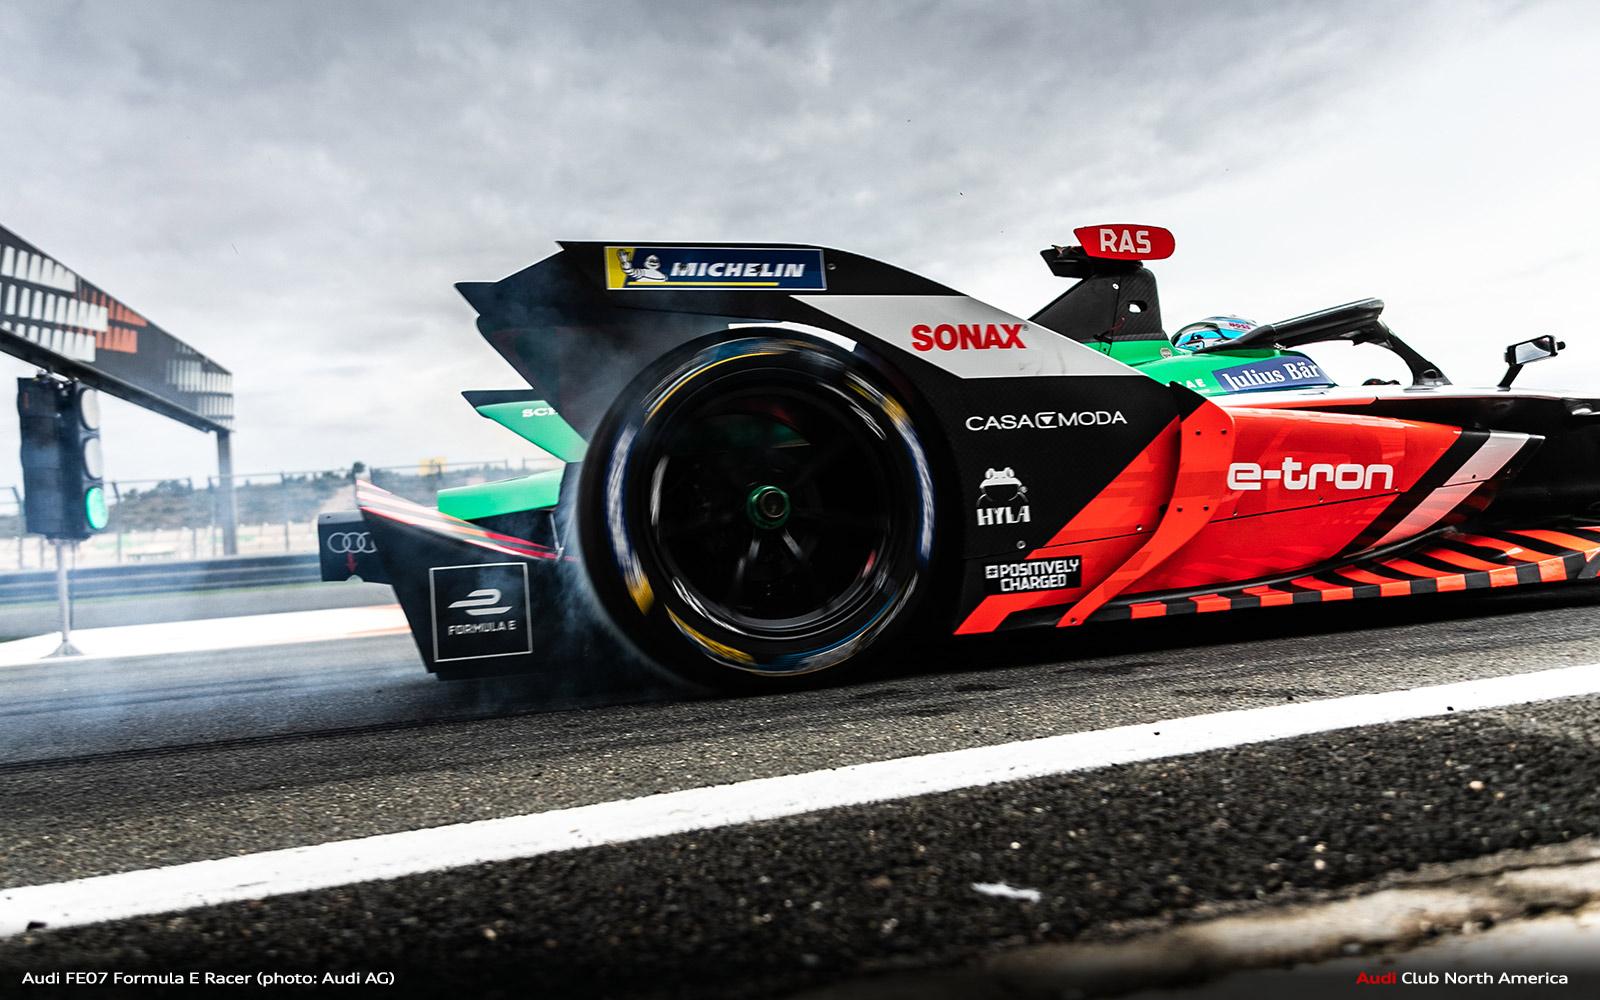 Audi Motorsport Changes Afoot: Formula E Exit Confirmed after Season 7, 2022 Dakar Confirmed, 2023 Le Mans Return Likely